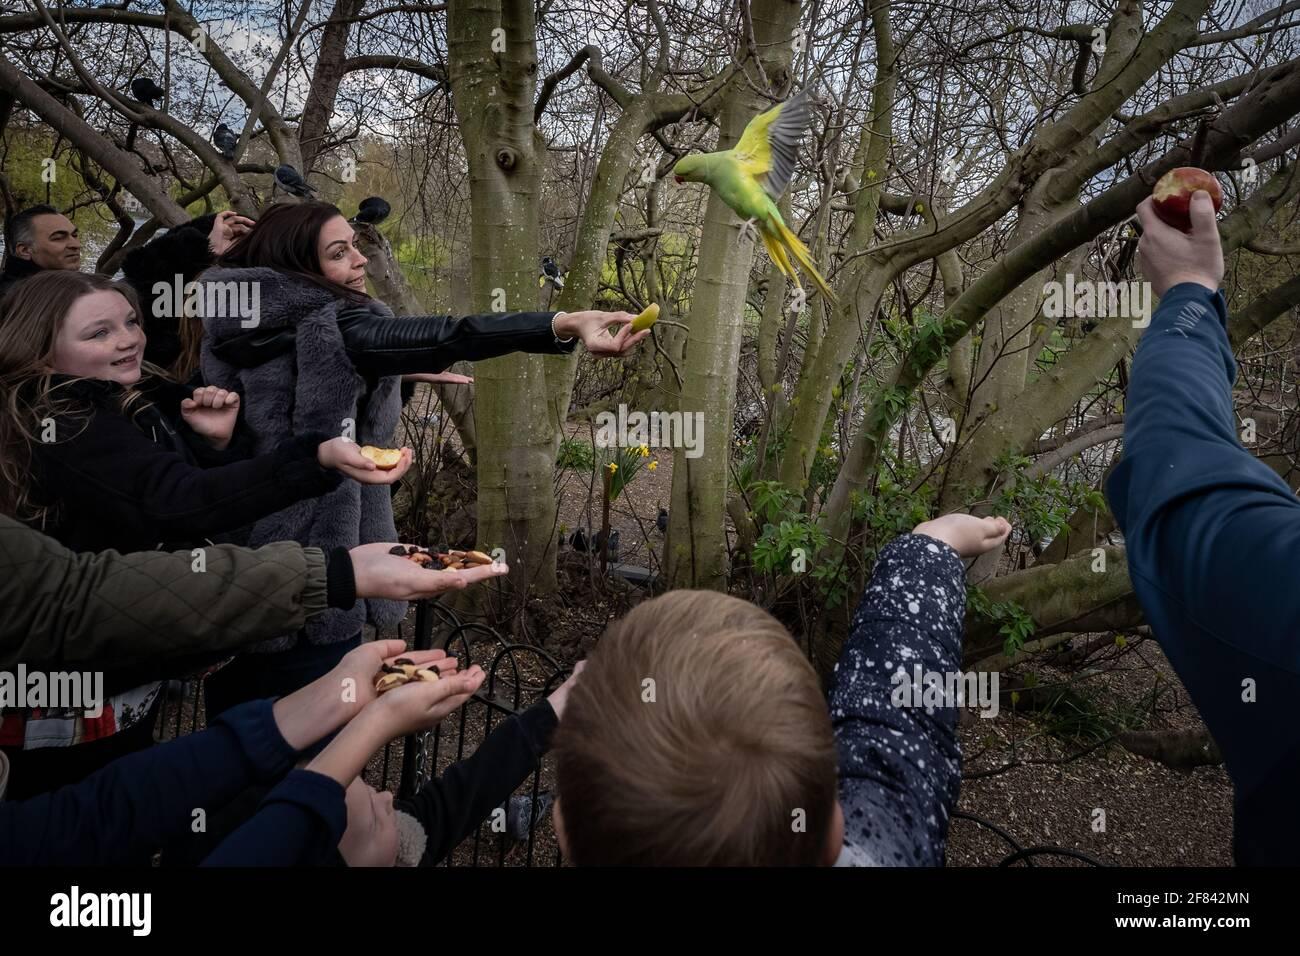 Londres, Reino Unido. 11th de abril de 2021. Clima en el Reino Unido: Los turistas alimentan a los Parakeets locales de cuello redondo en una suave tarde de domingo en St. James's Park. Crédito: Guy Corbishley/Alamy Live News Foto de stock